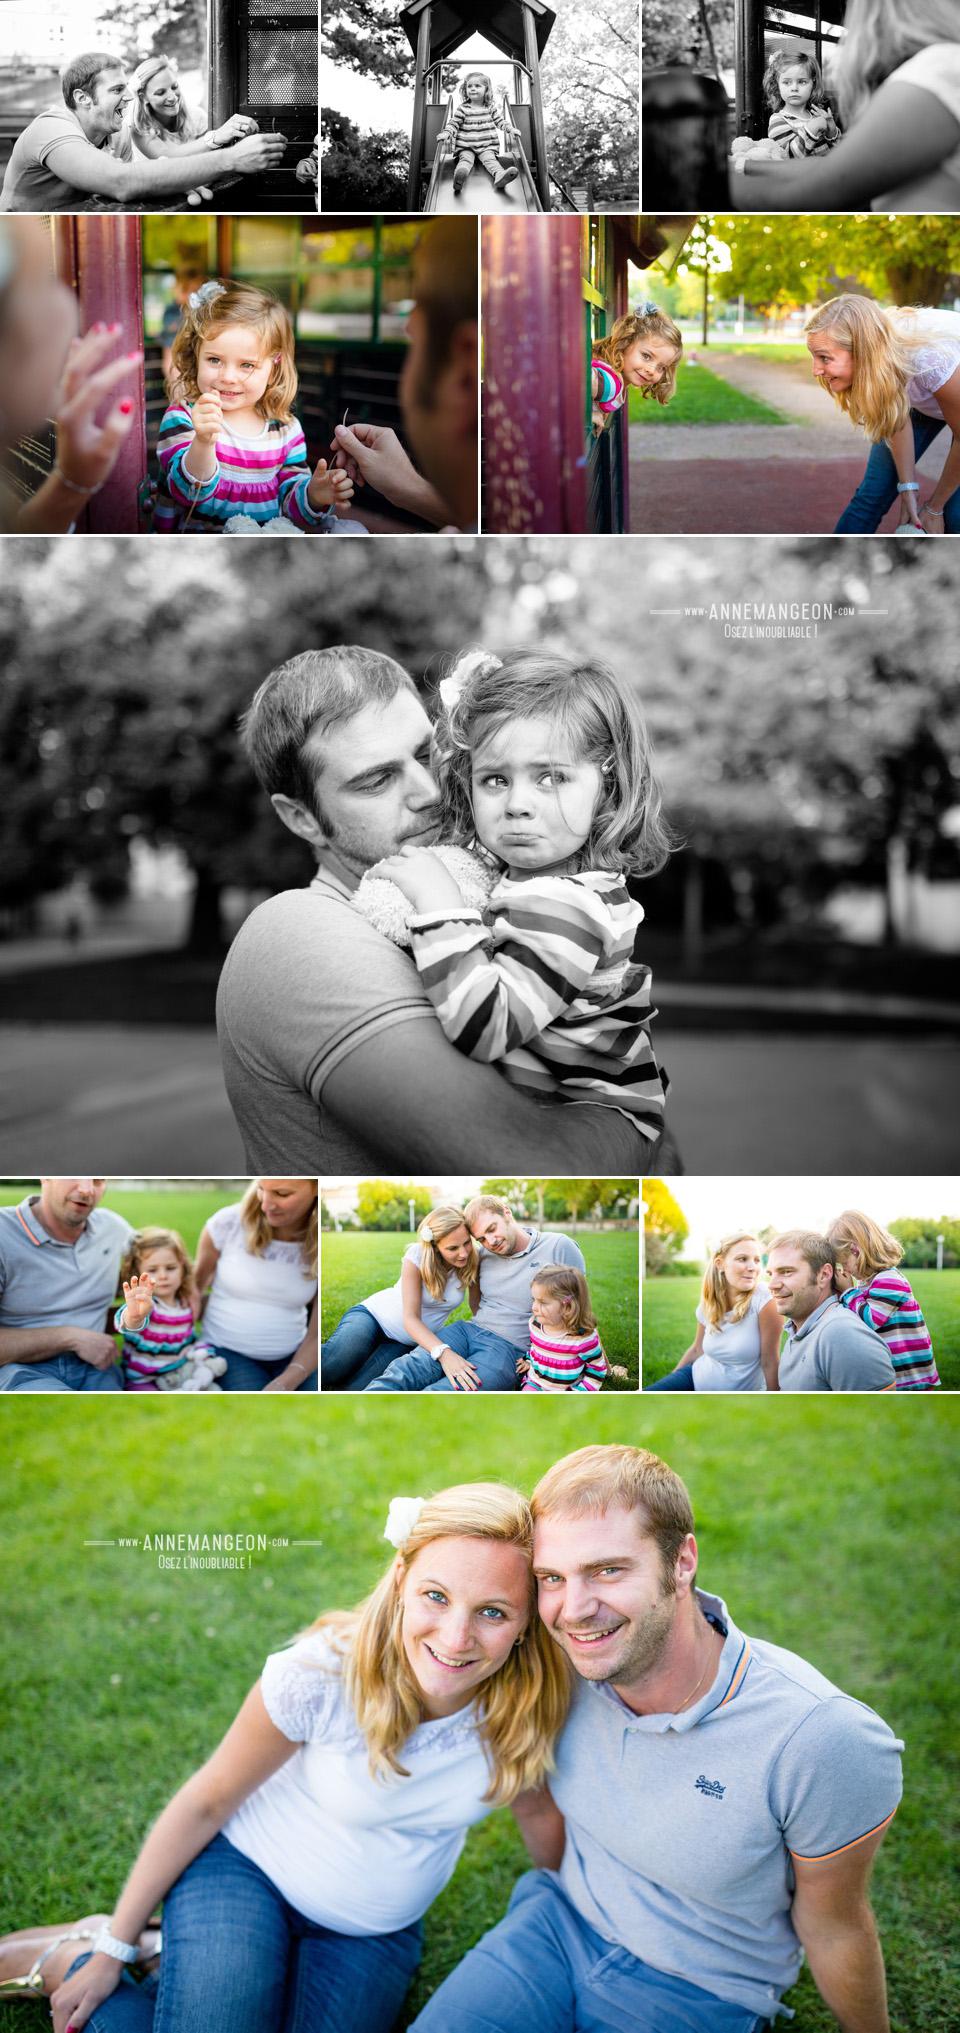 Séance photo famille grossesse parc à Nancy @ Anne Mangeon Photographe_05